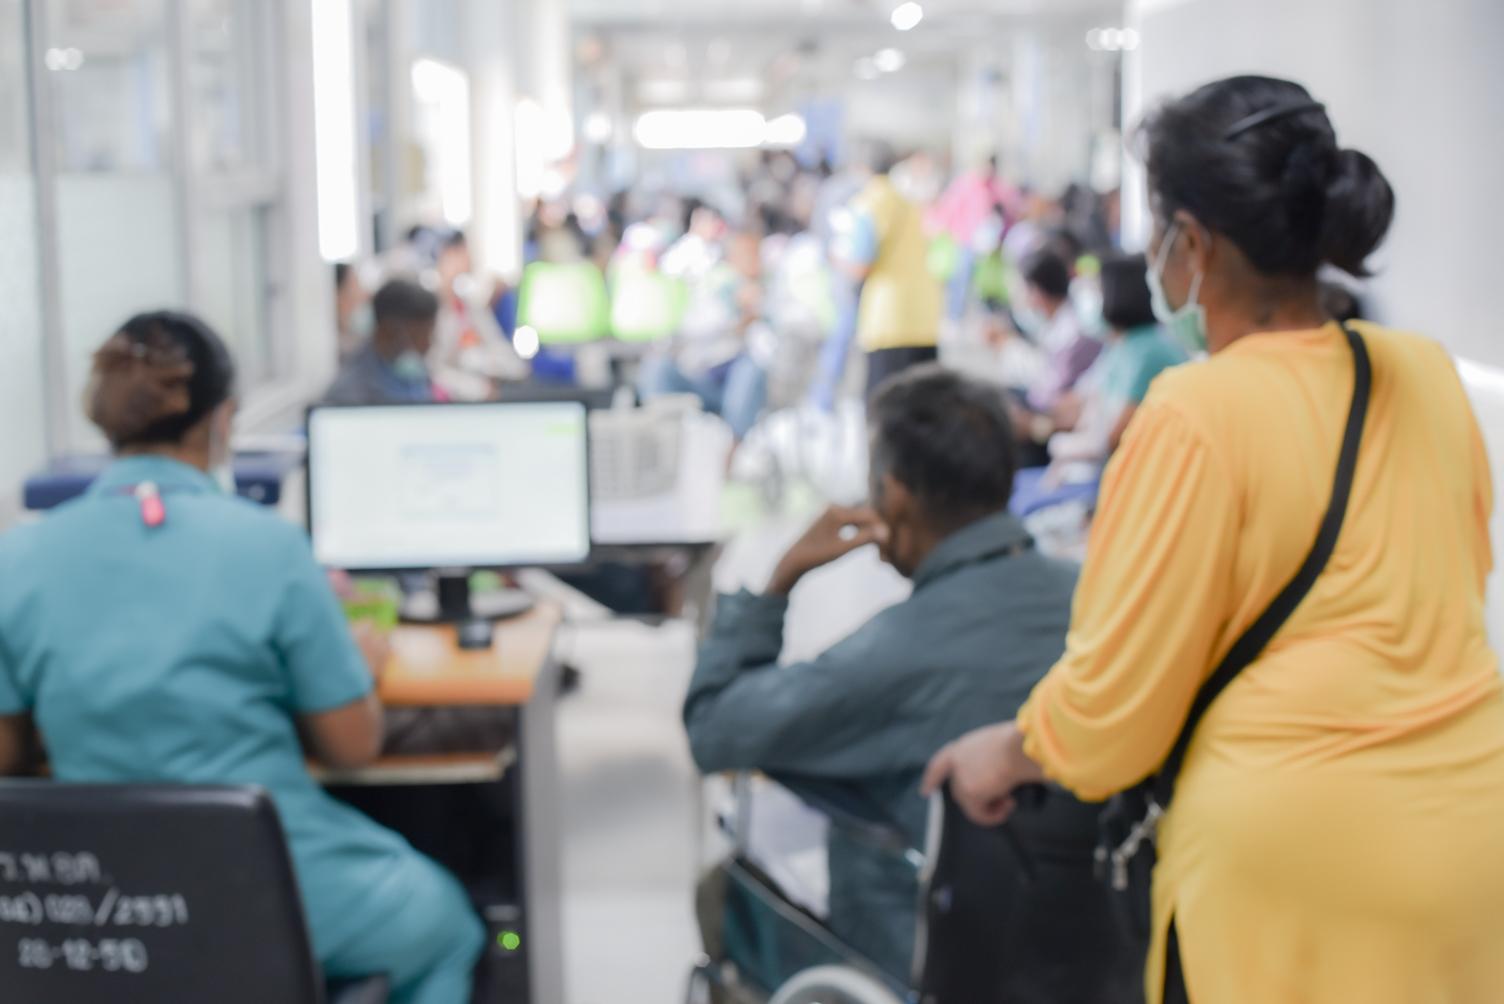 Aile Hekimleri, pandemide iş yükü ağırlığı ve malzeme yetersizliğinden dertli